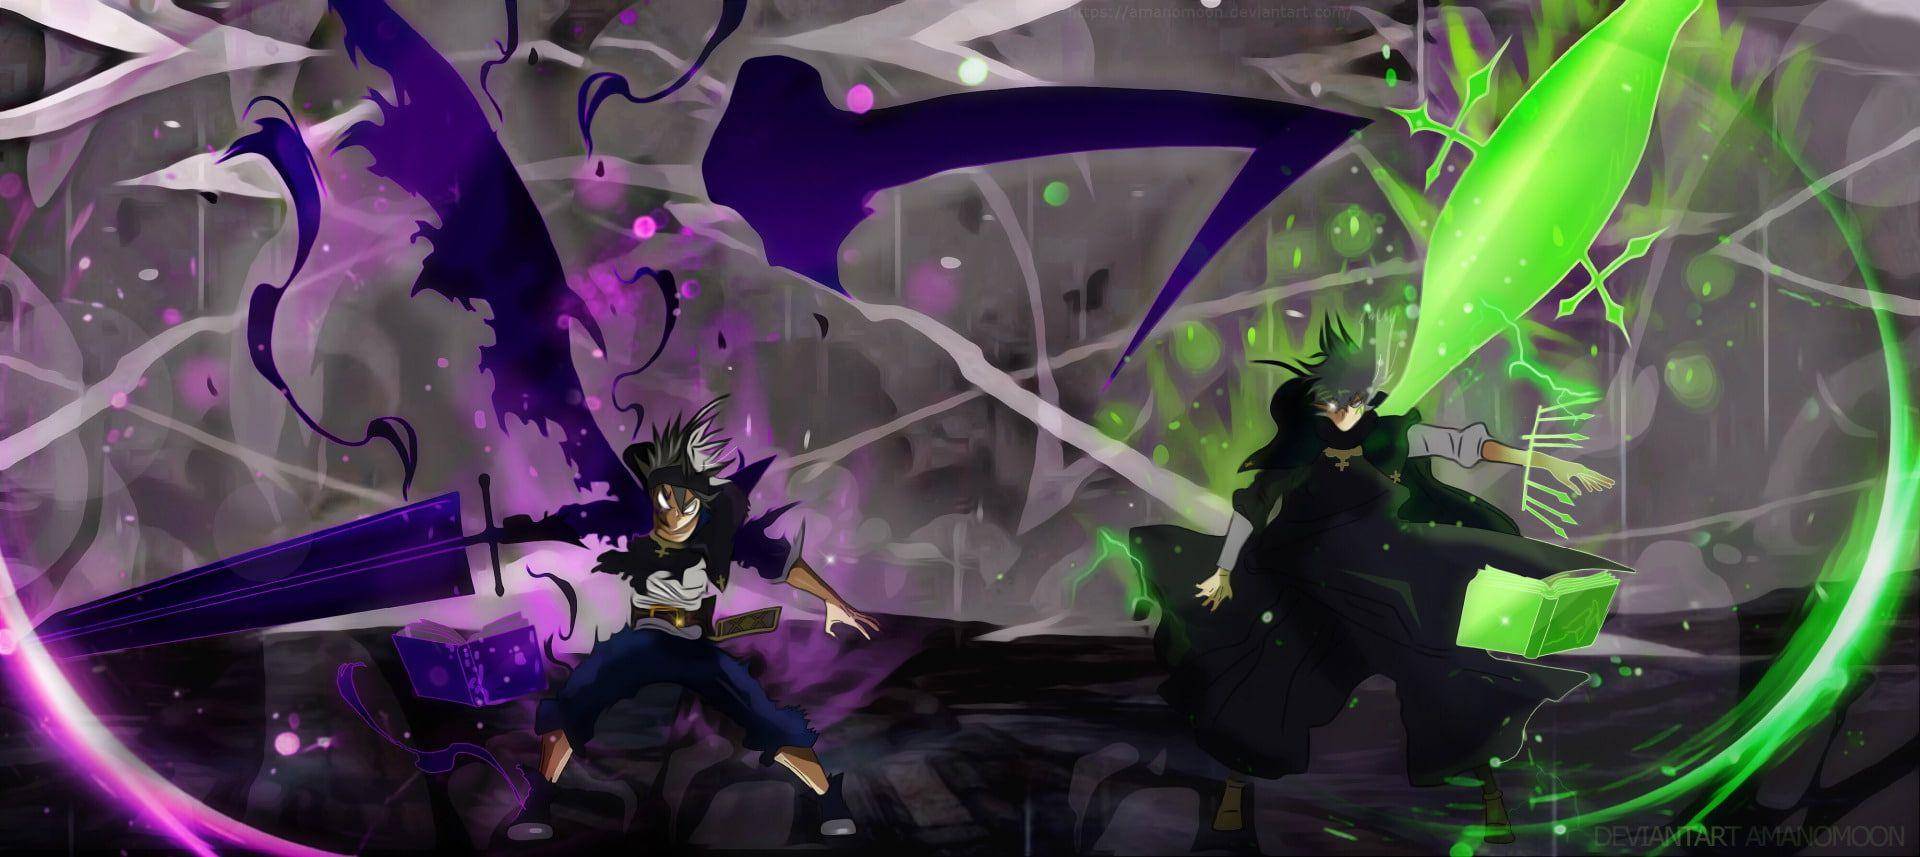 Anime Black Clover Asta Black Clover Book Magician Sword Yuno Black Clover 1080p Wallpaper Hdwallpaper De In 2020 Black Clover Anime Anime Wallpaper Clover